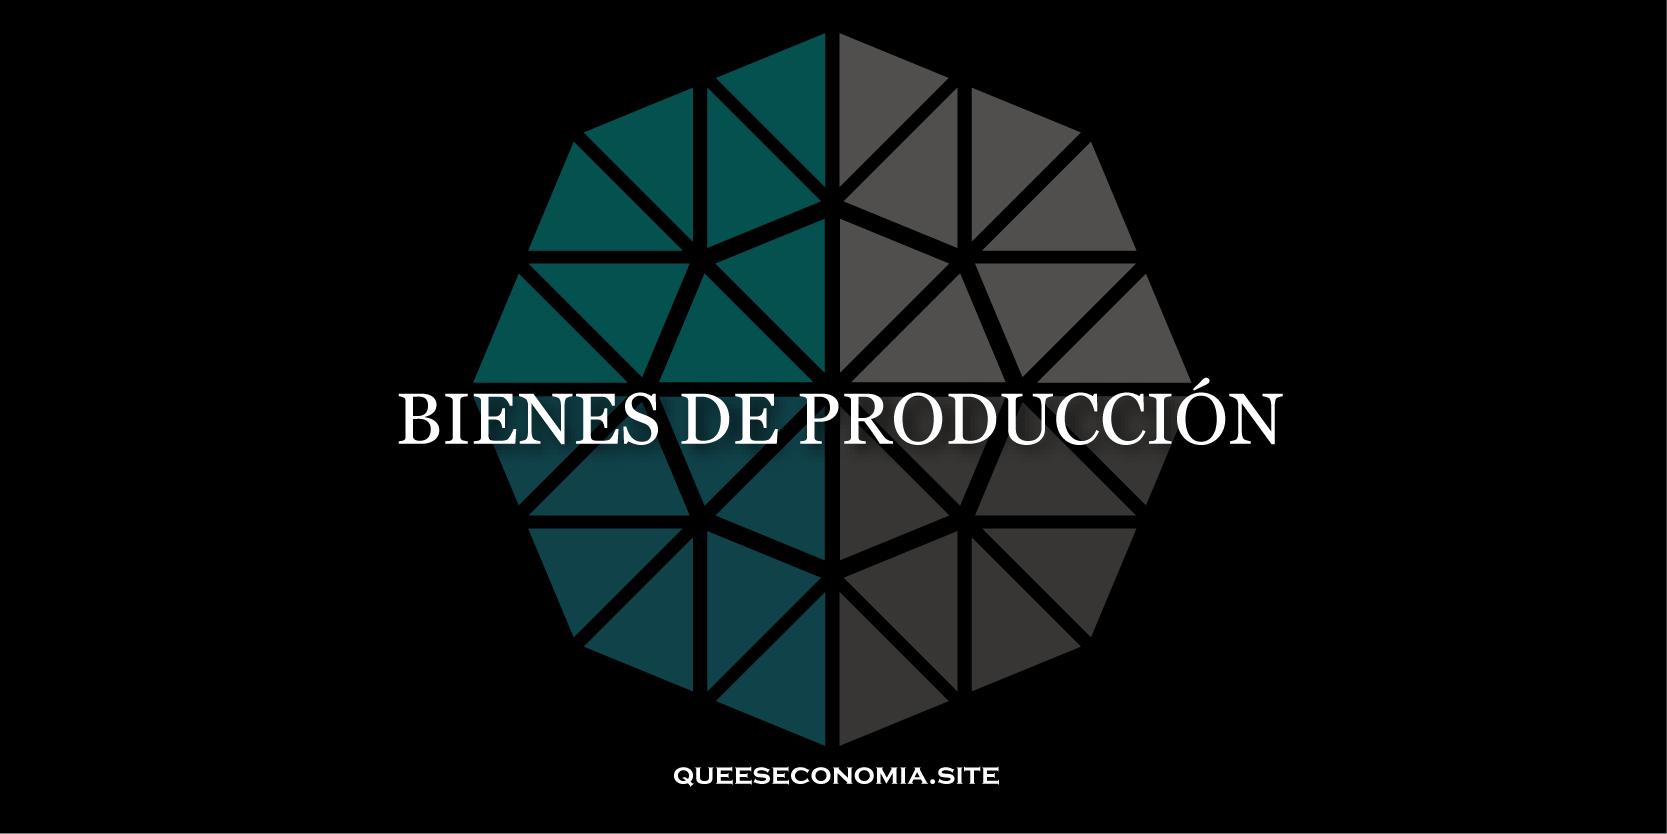 bienes de producción